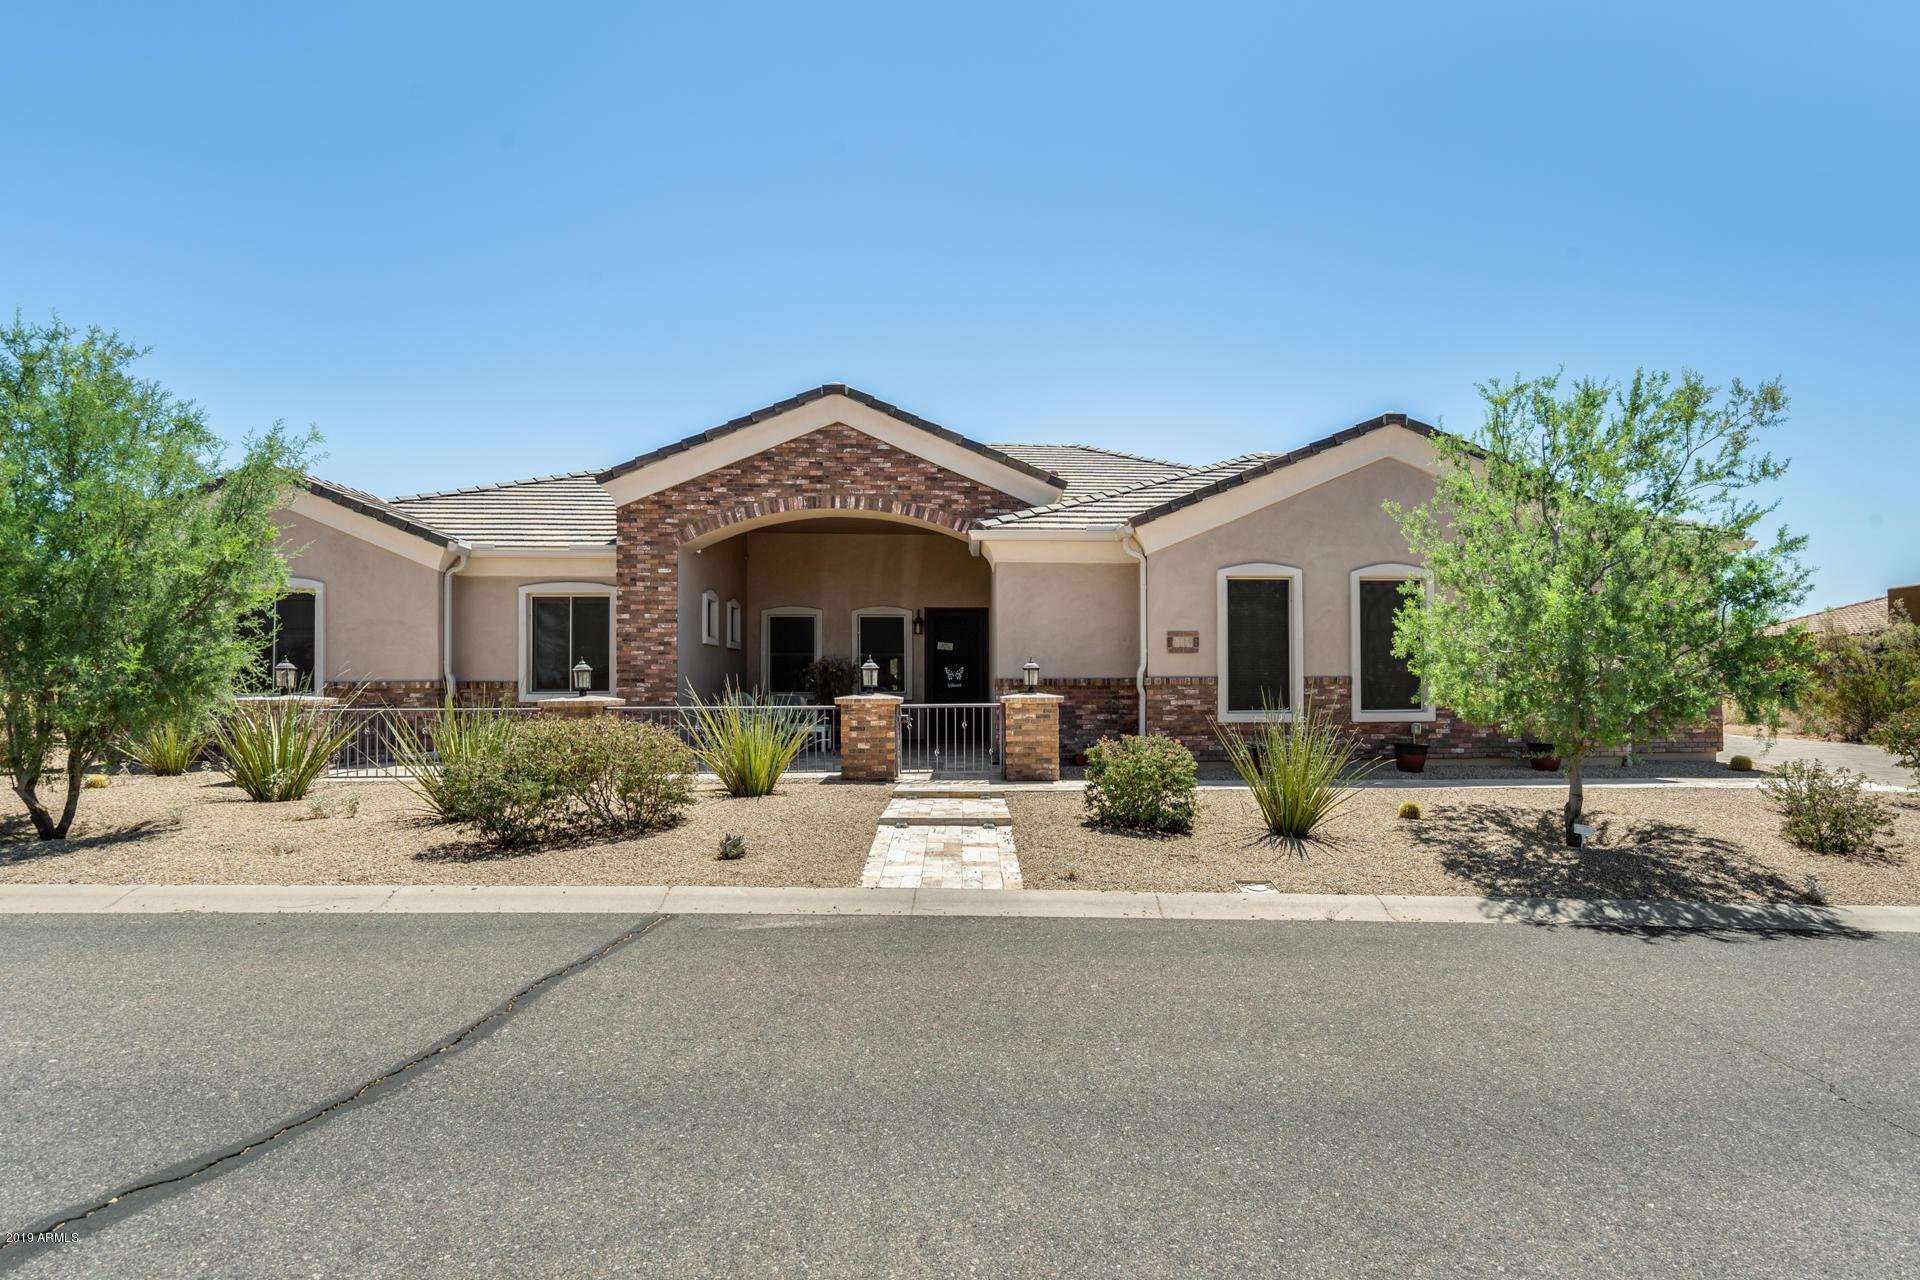 Photo of 2119 N WOODRUFF --, Mesa, AZ 85207